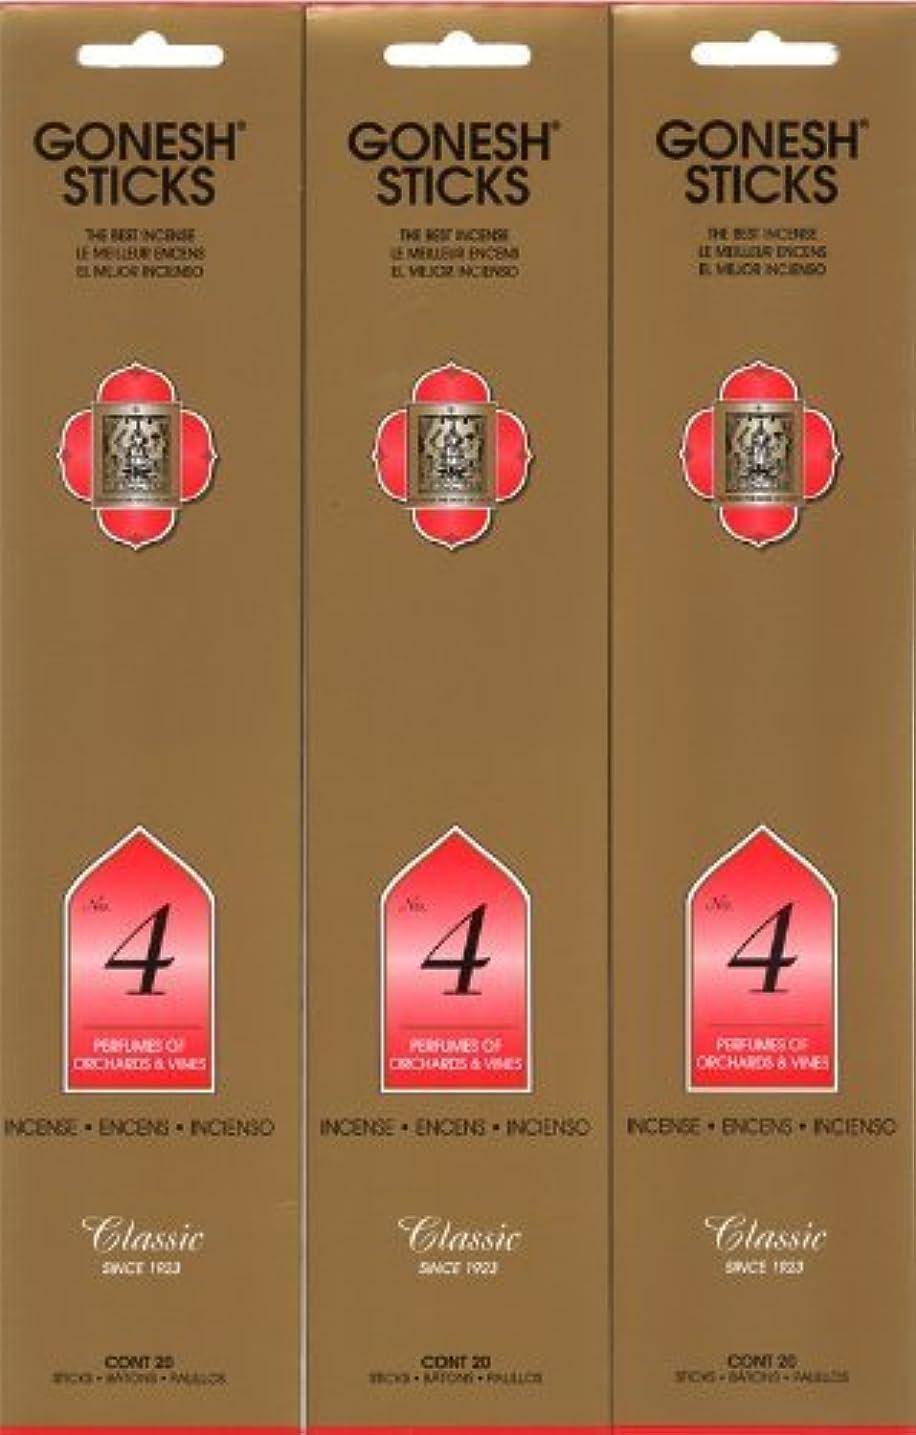 はちみつ栄光のクモGONESH インセンス No.4 スティック 20本入り X 3パック (60本)